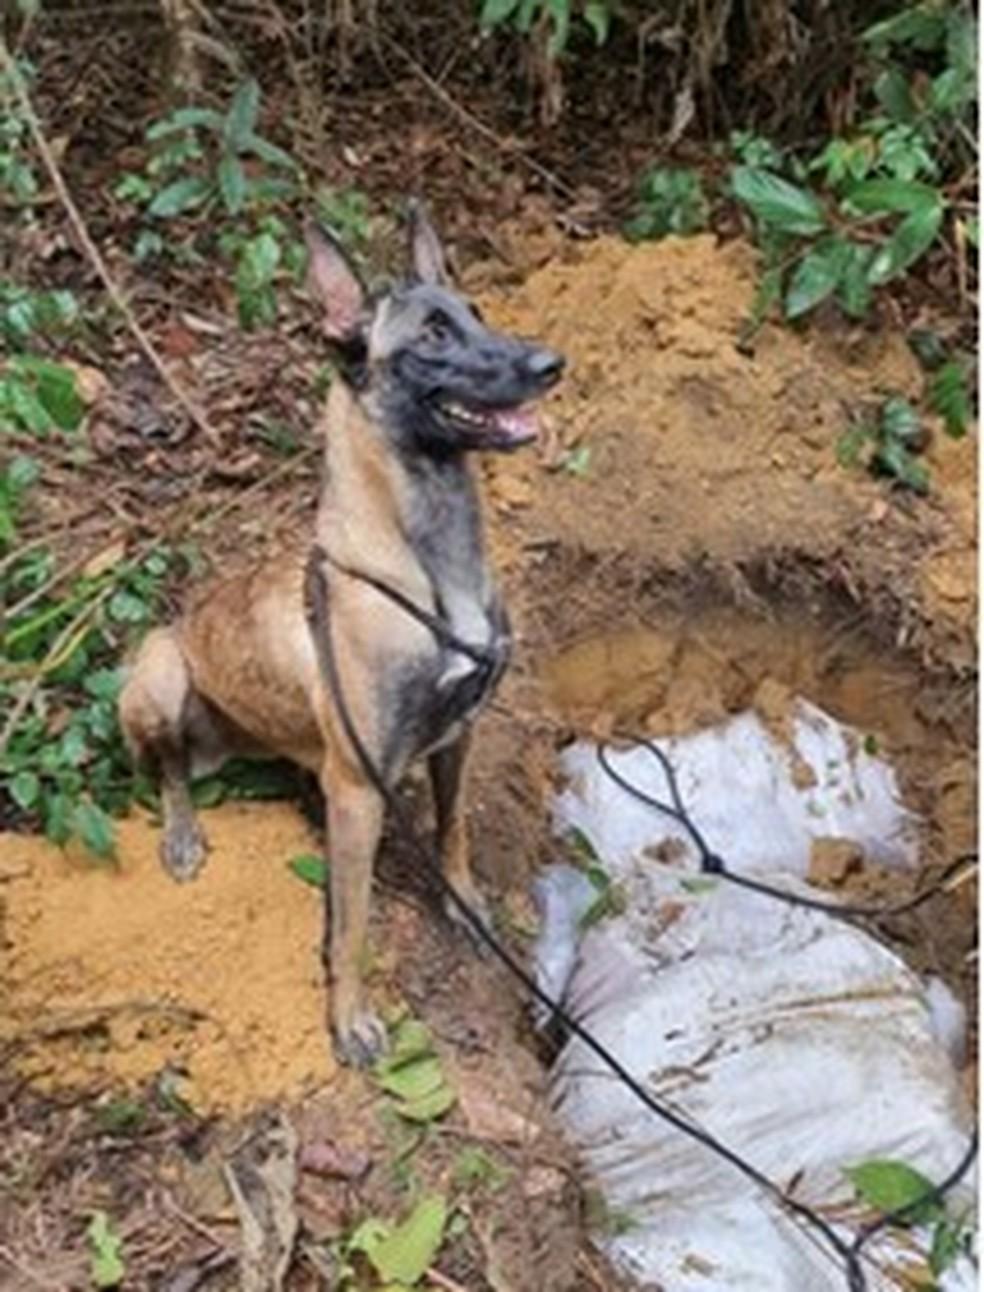 Policia achou droga enterrada com ajuda de cão farejador — Foto: Divulgação/CPI/6°BPM